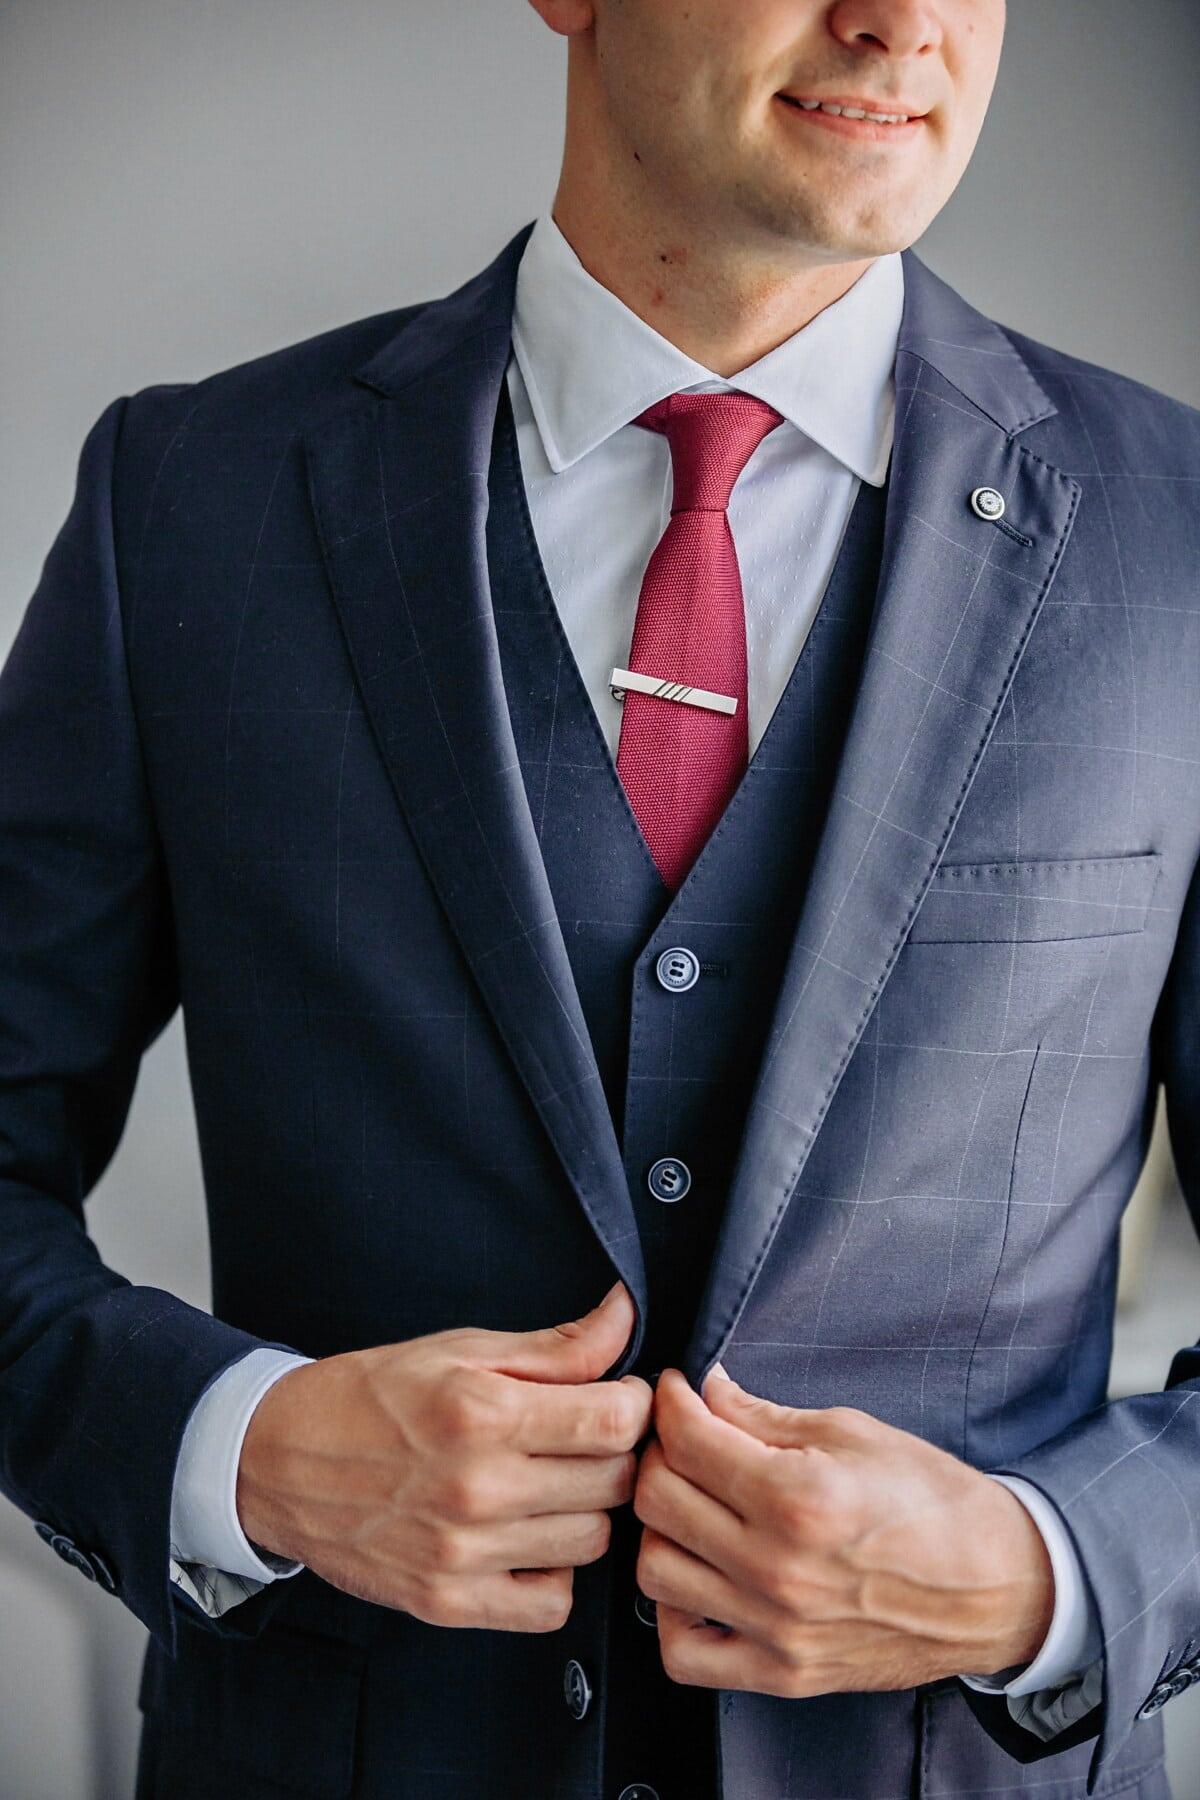 rot, Krawatte, Baumwolle, Smokinganzug, Shirt, Büro, Geschäftsmann, Mitarbeiter, Manager, Unternehmer